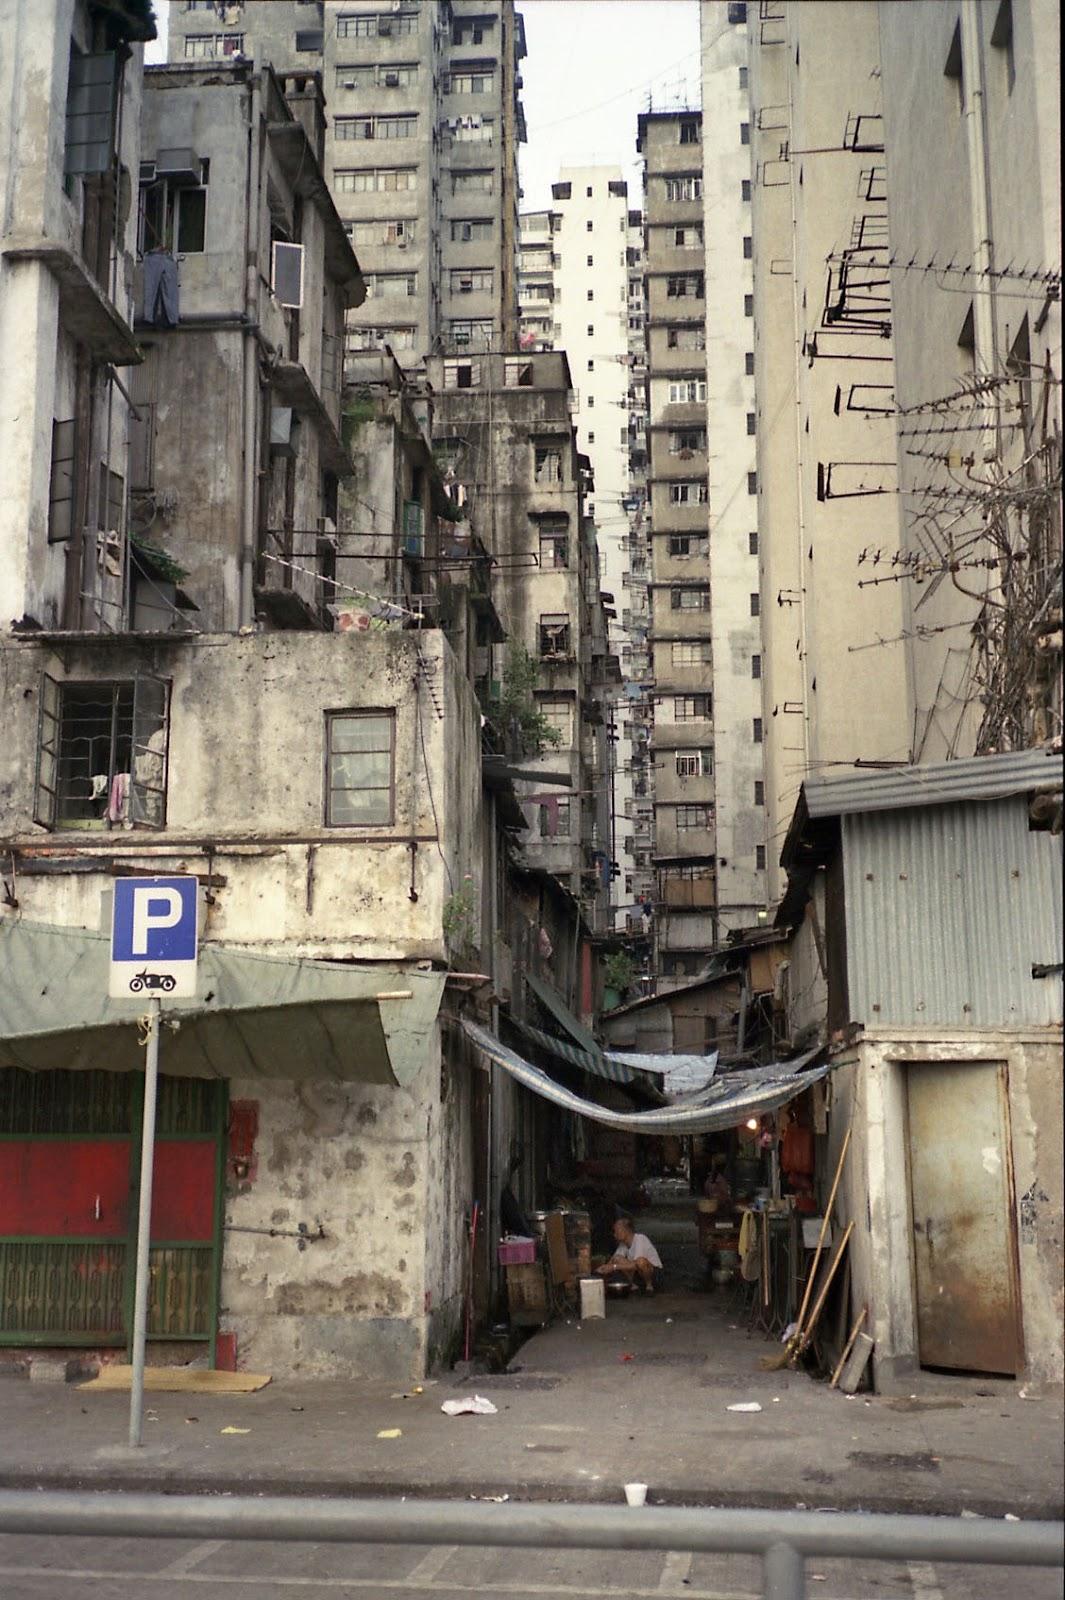 香港,海外,ビル,スラム街〈著作権フリー無料画像〉Free Stock Photos